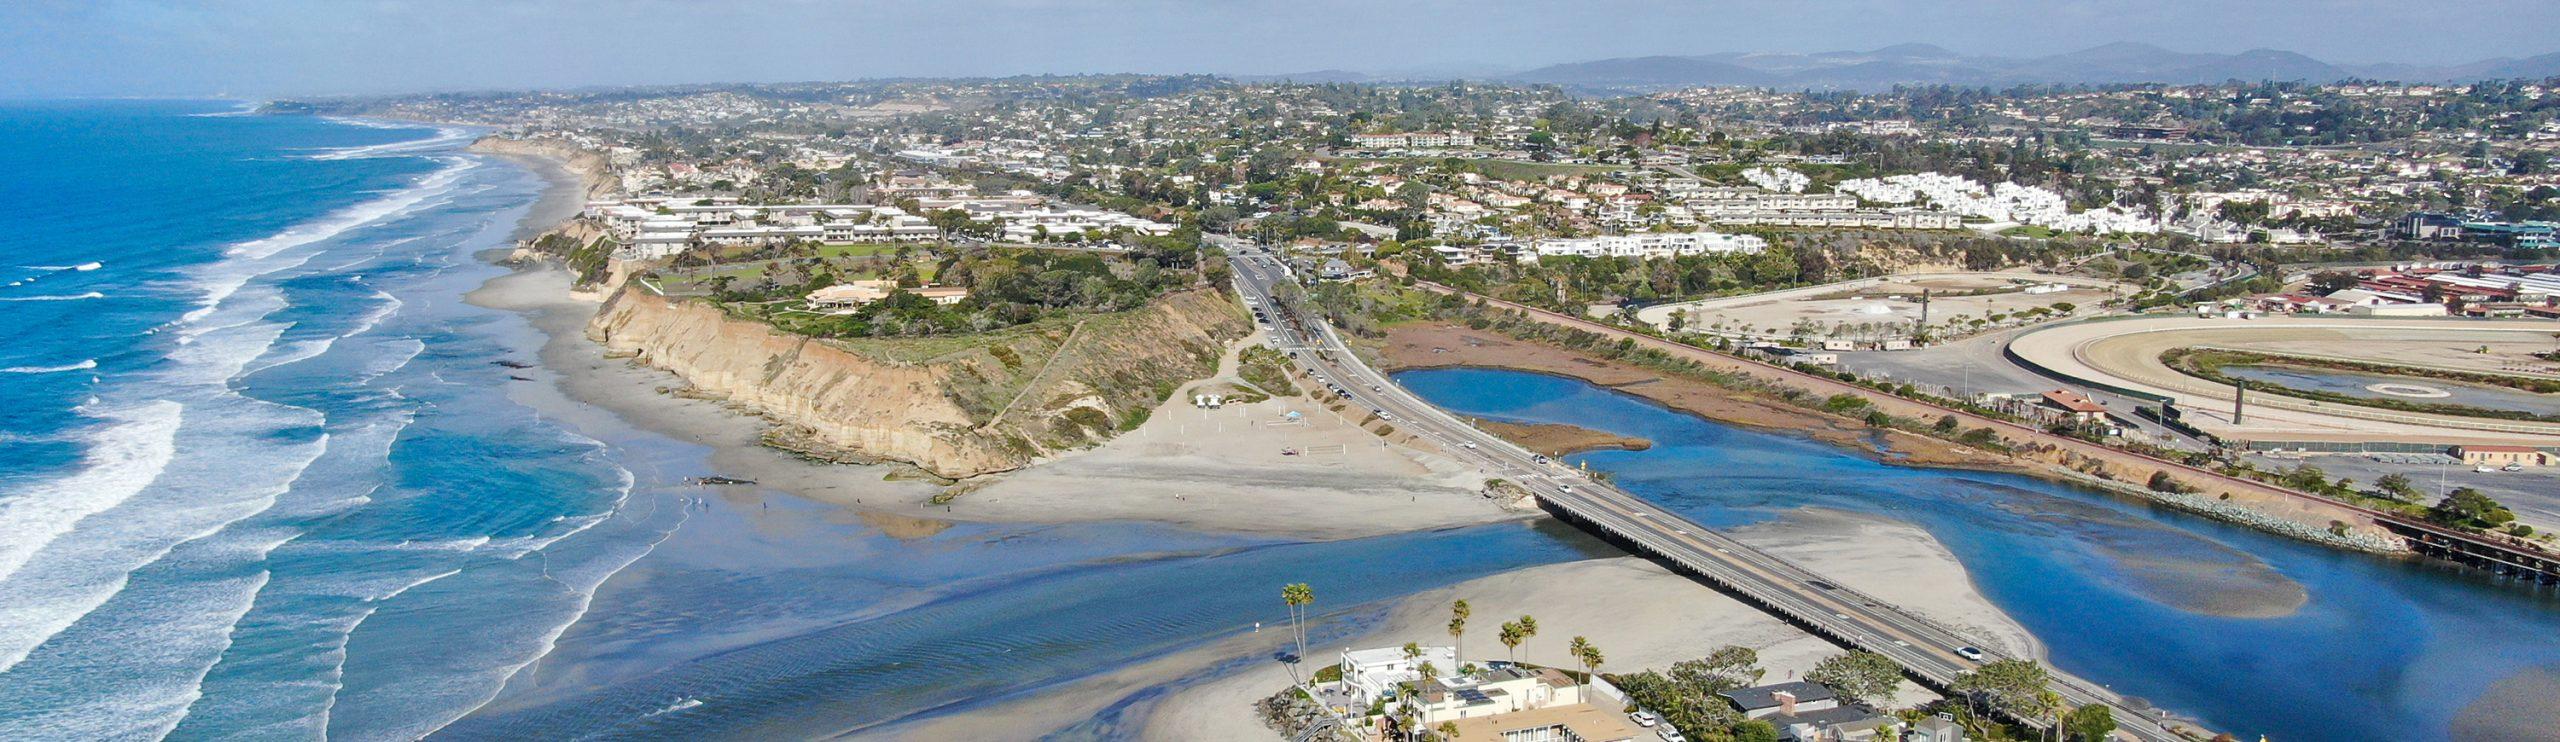 Aerial view of Del Mar, California